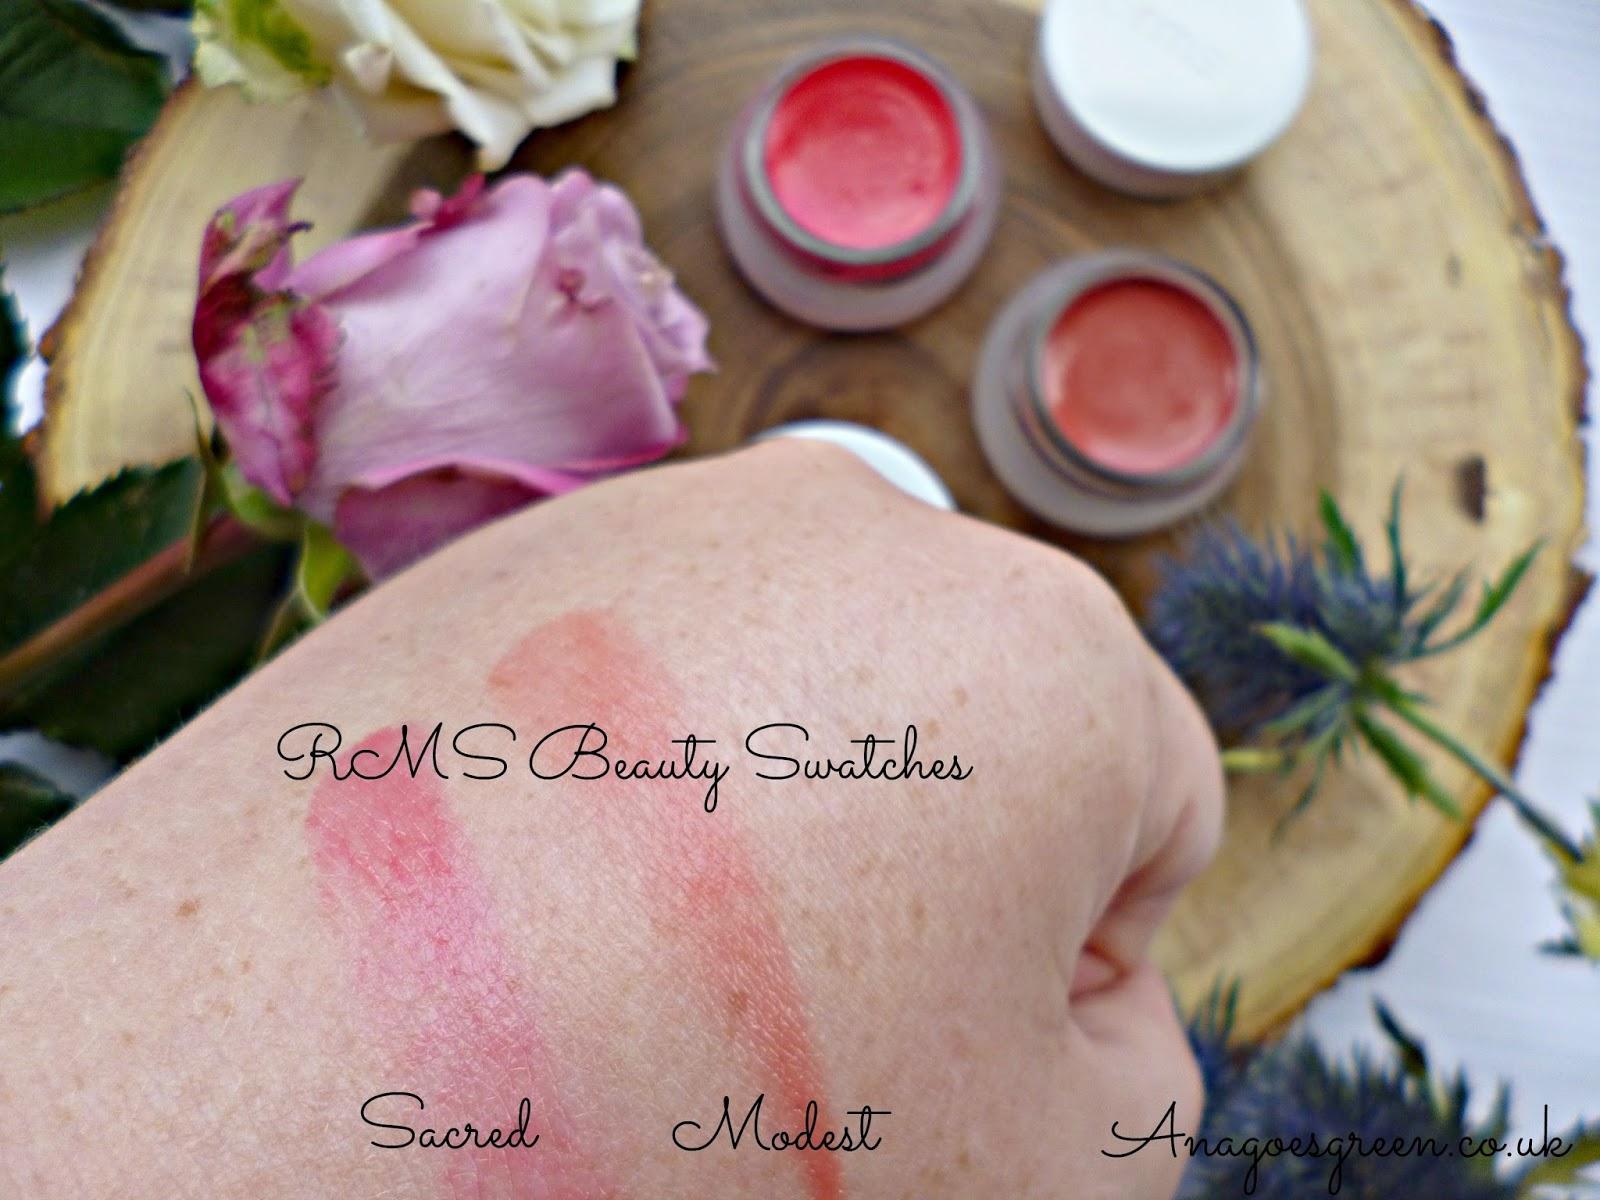 Clean makeup brands